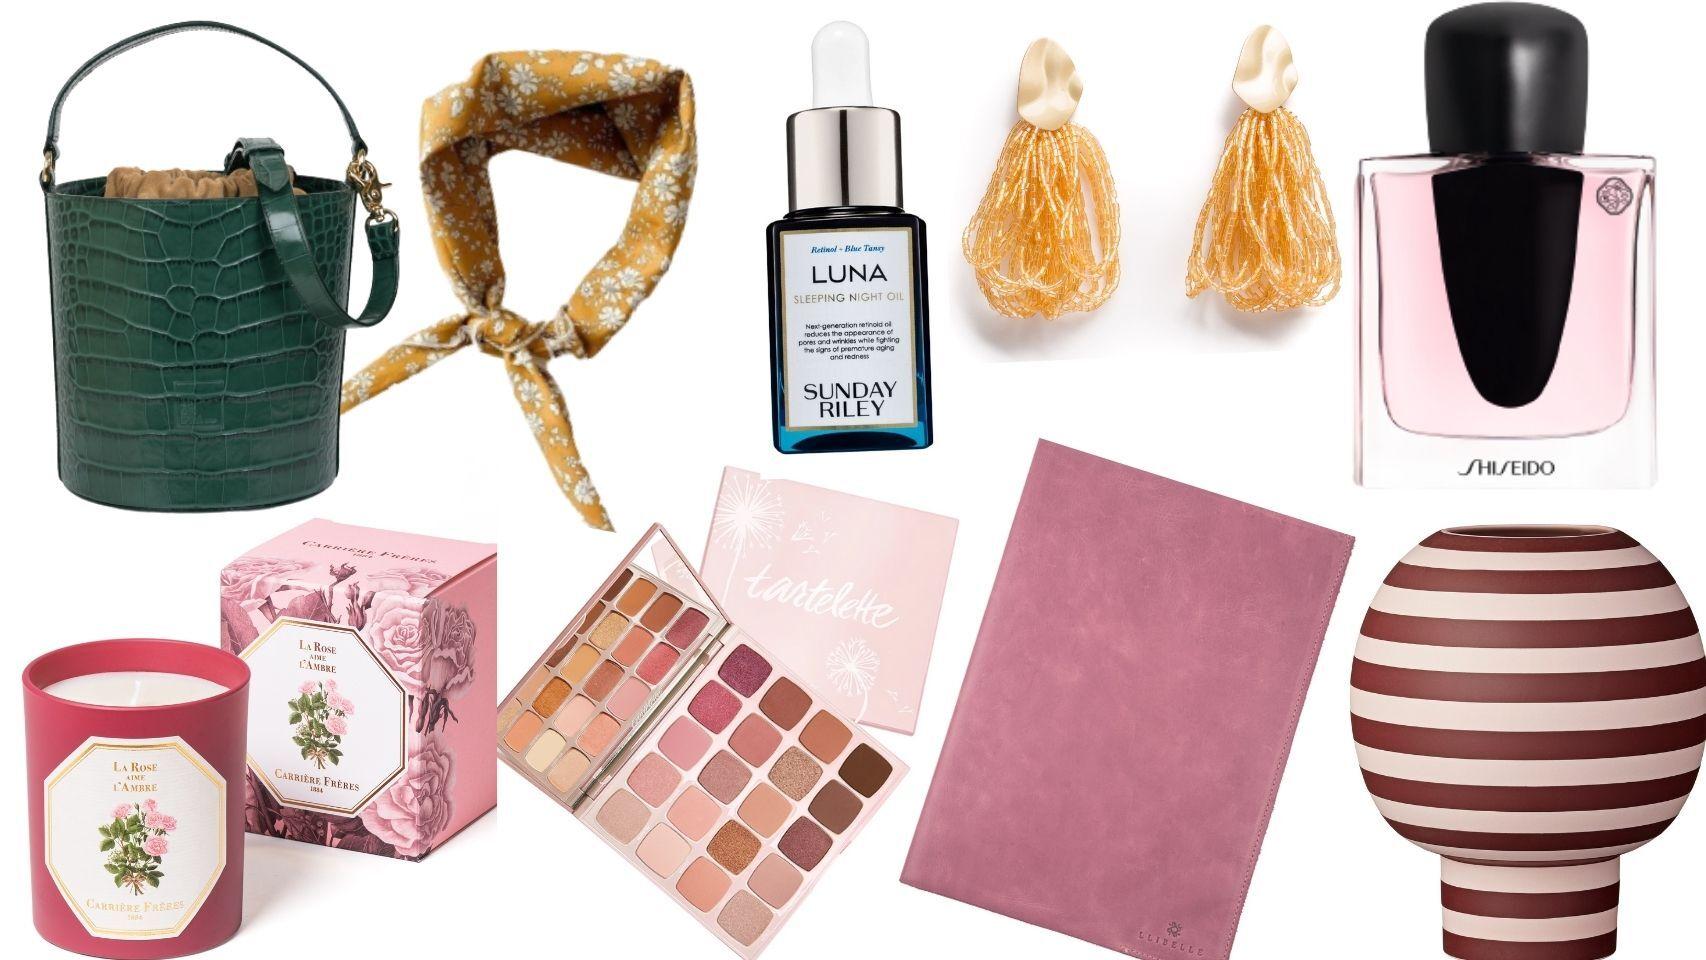 Día de la madre: 10 ideas de regalos originales que le encantarán.